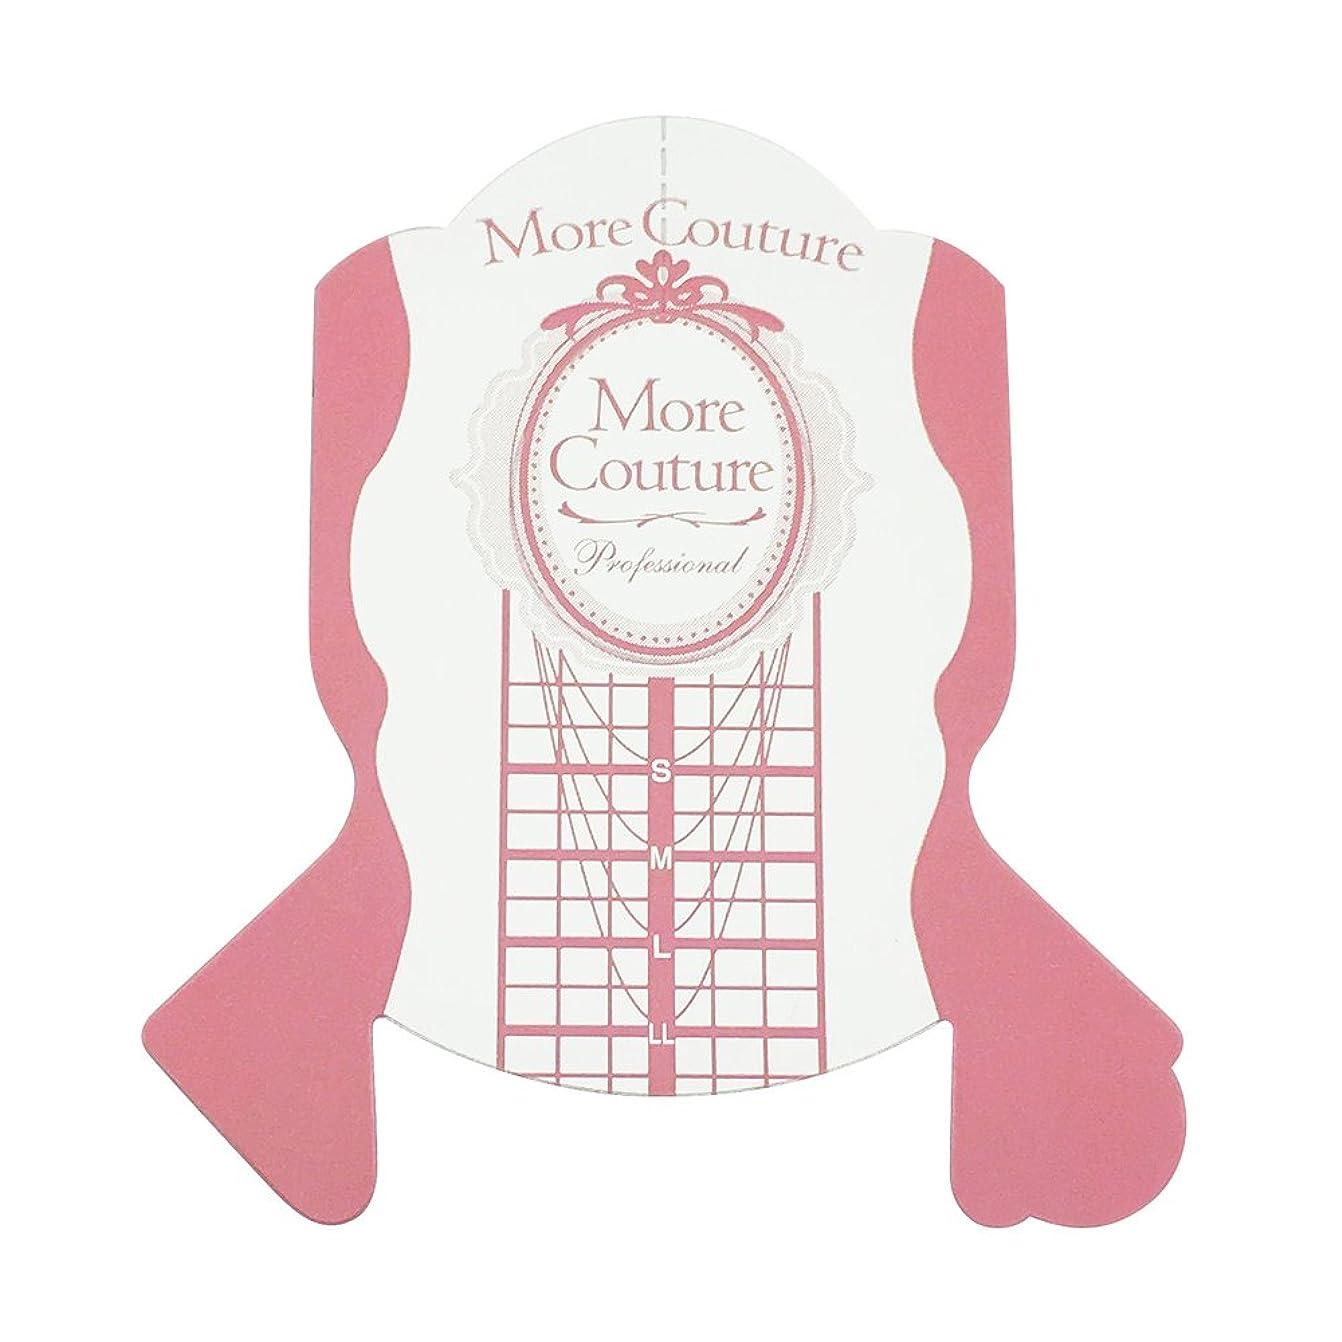 ボイド蚊品More Couture p ピンクフォーム 100枚 ネイルフォーム